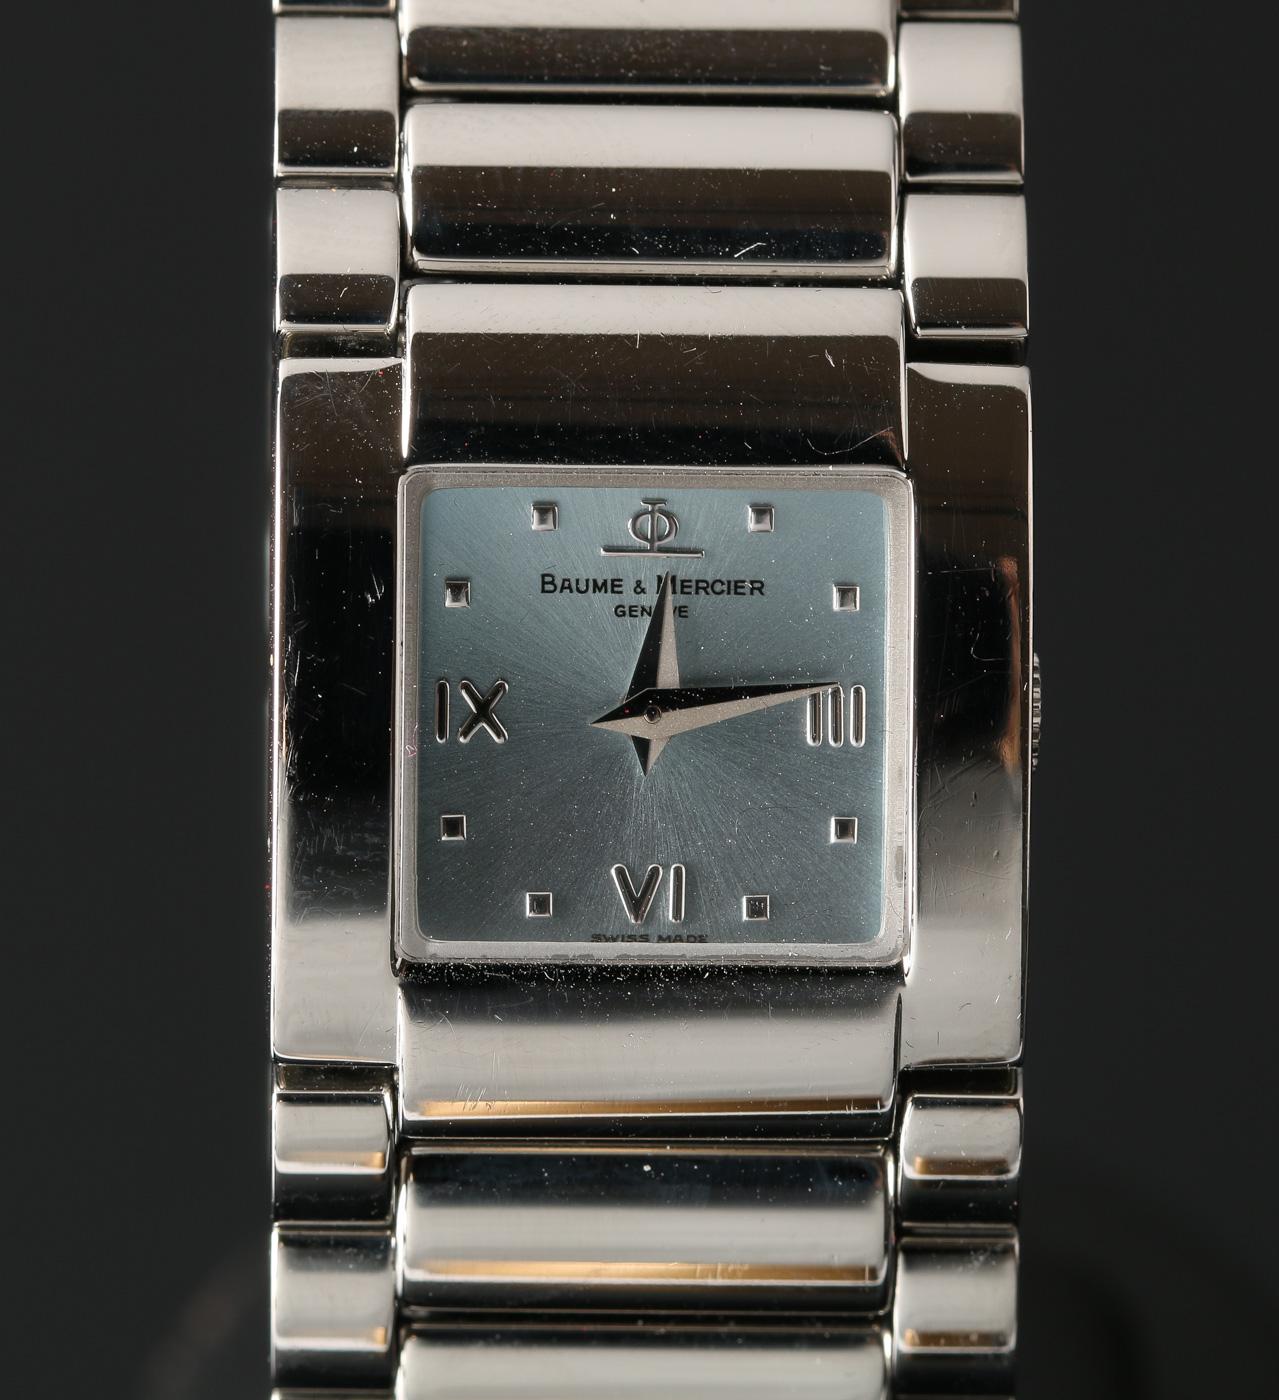 Baume & Mercier, damearmbåndsur - Baume & Mercier, ref. MV045219, damearmbåndsur i urkasse af stål med lys skive med logo, timemarkeringer, to visere. Uret har schweizisk quartzværk, integreret lænke i stål med foldespænde. Bredde: 22 mm (ekskl. krone). Bagkasse stemplet...